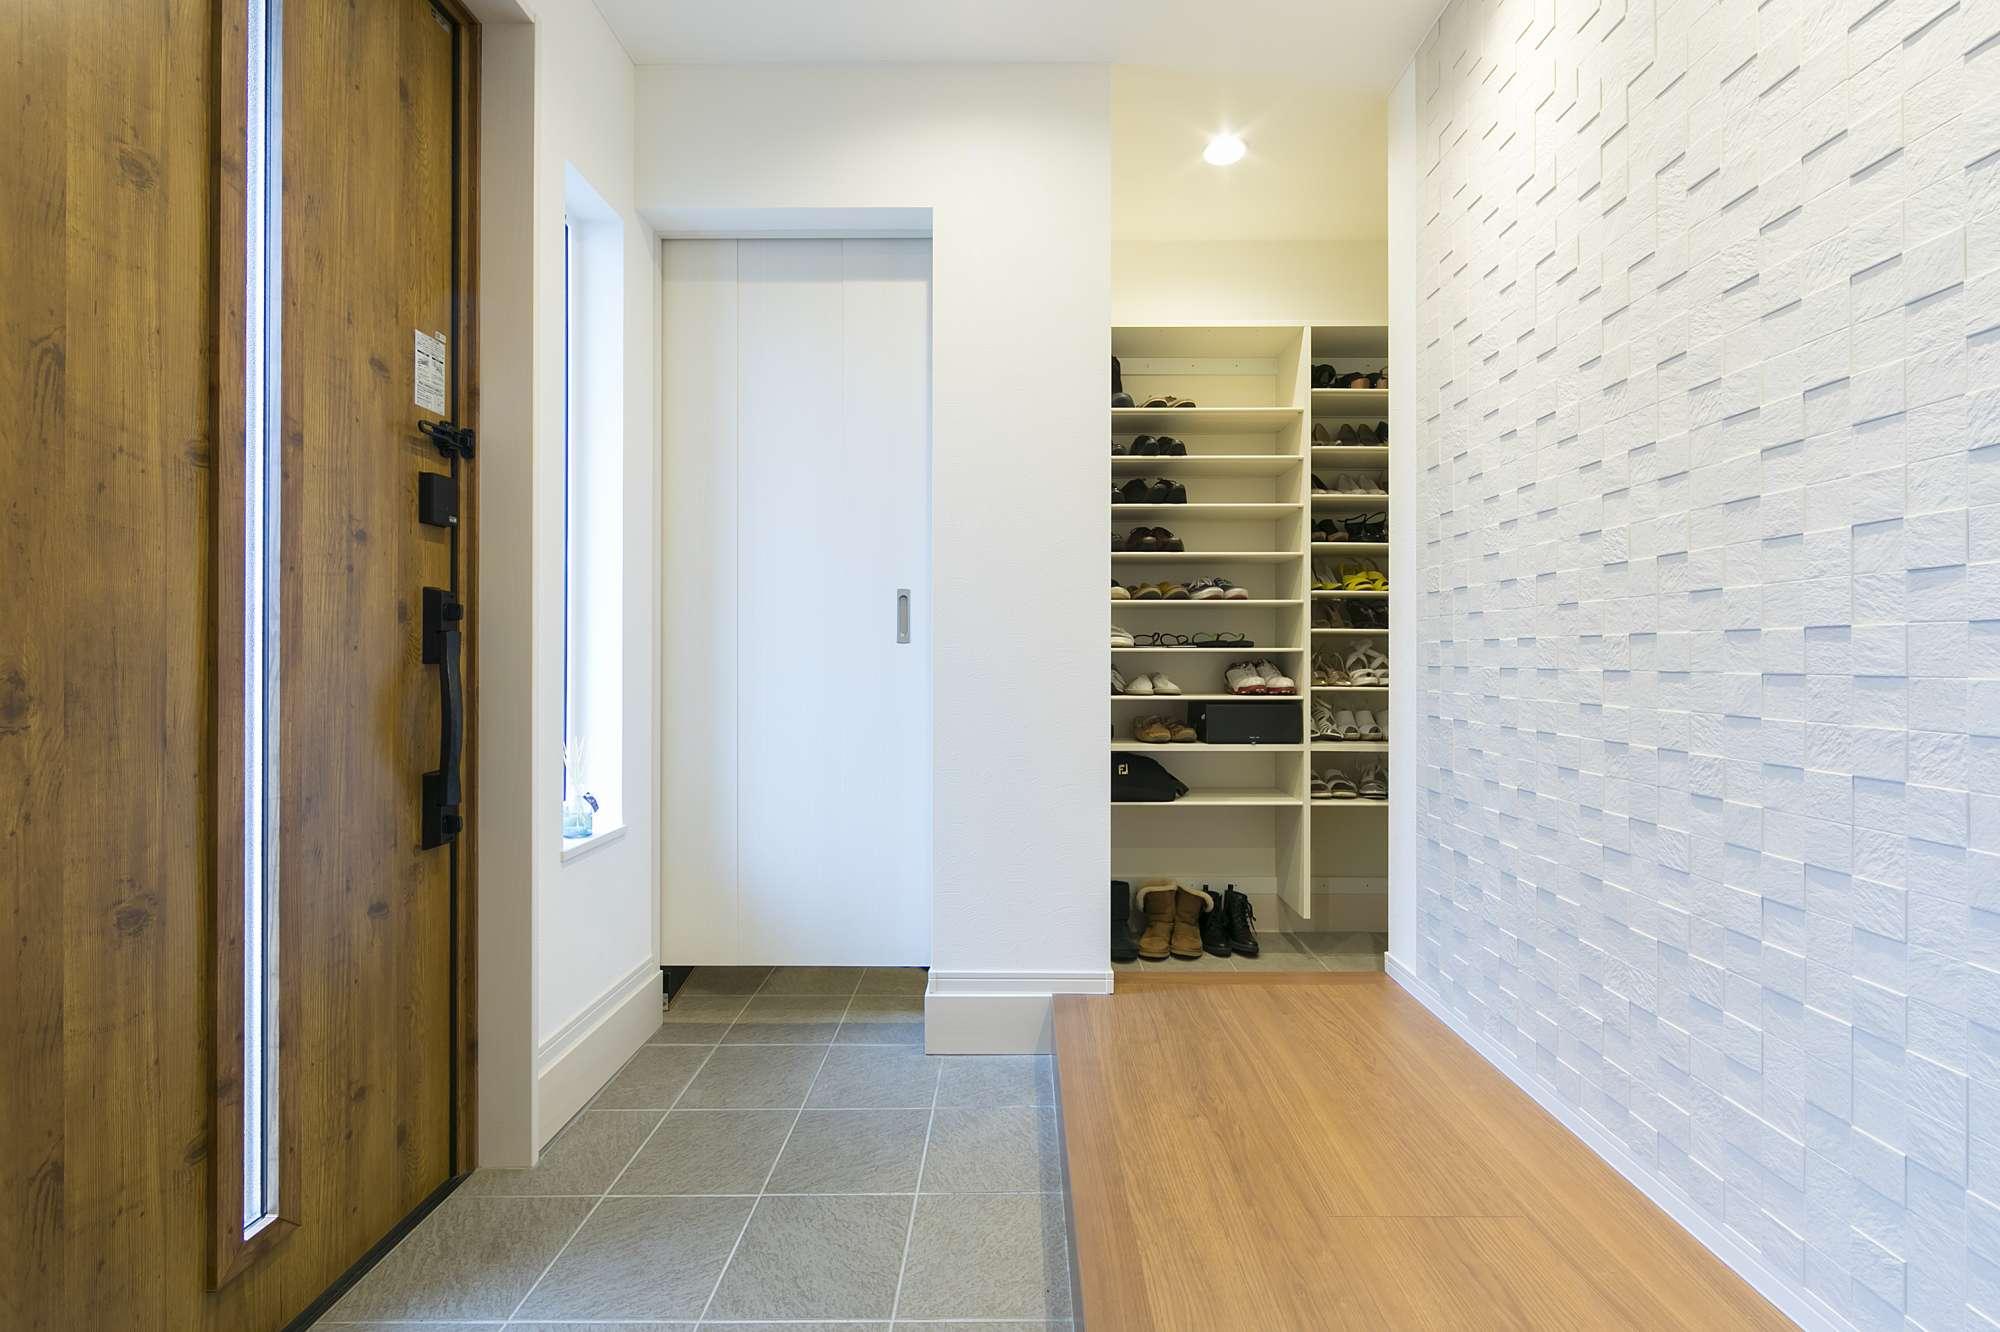 土間のシューズクロークがあるエントランス - 広い土間から家族用のドアを抜け、大切な靴を並べておけるシューズクロークへ。 -  -